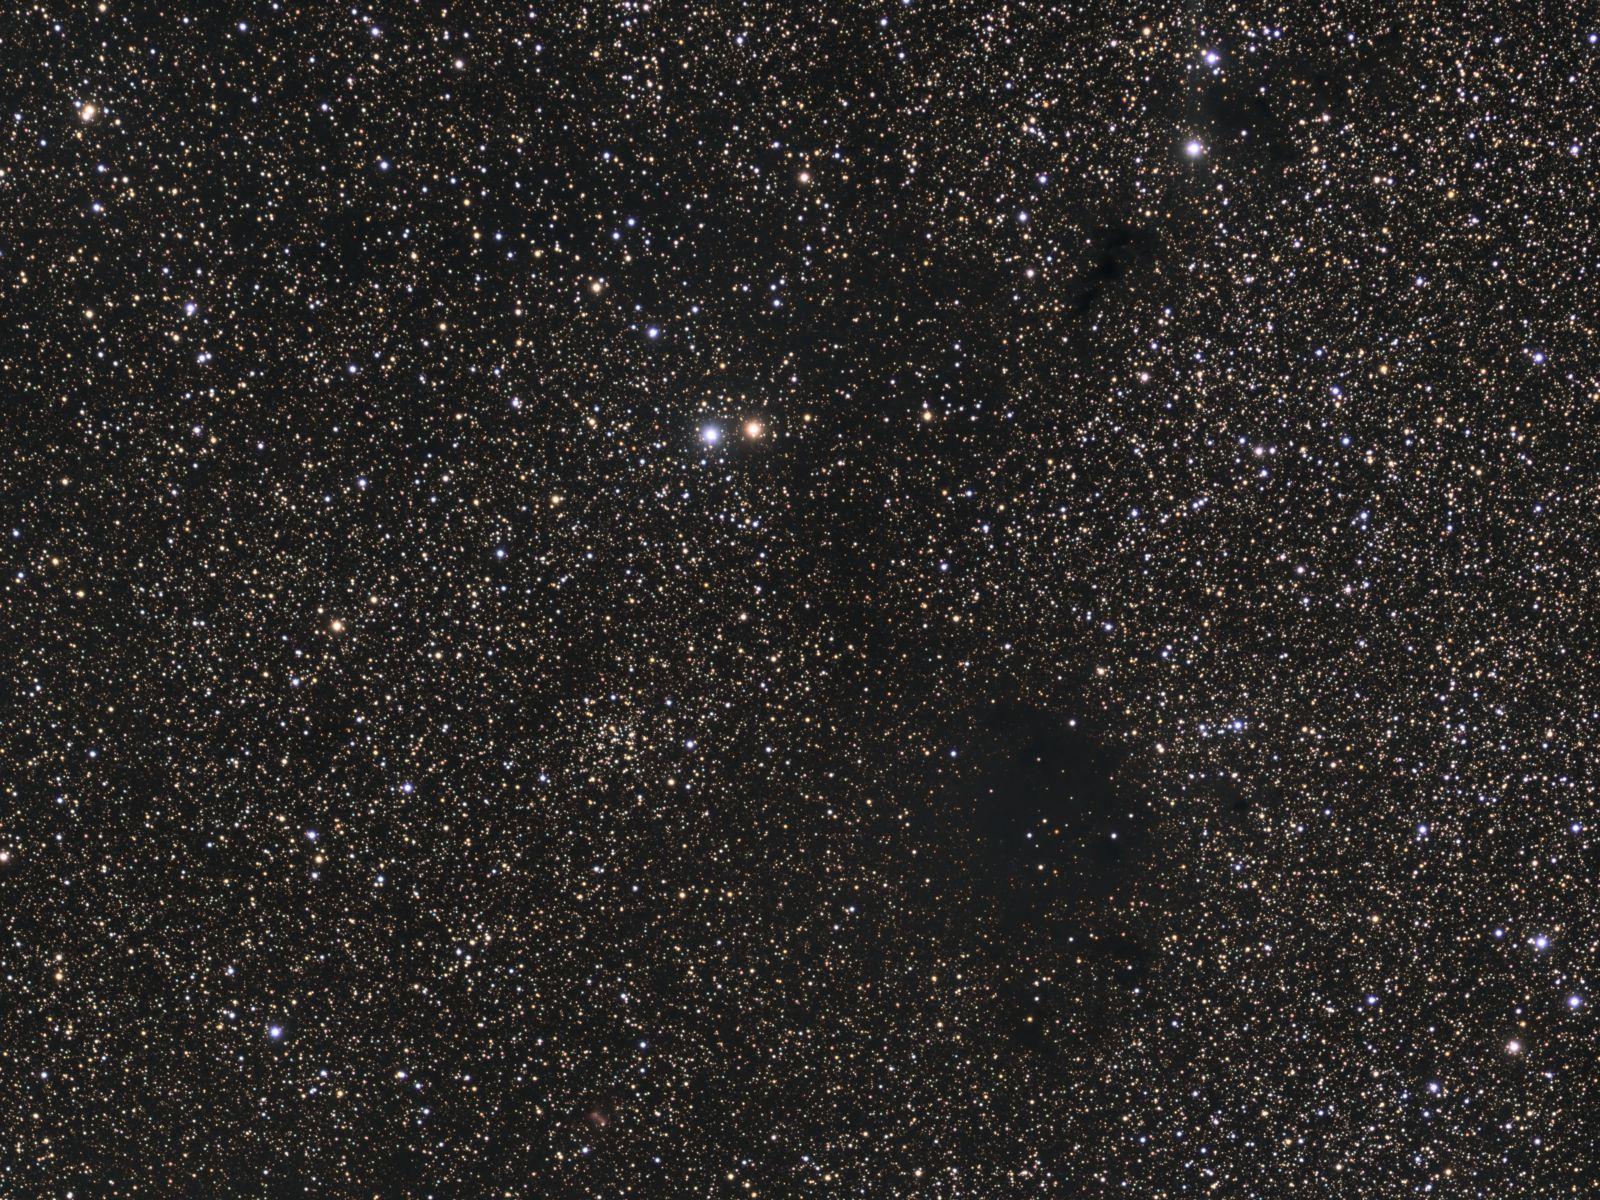 Barnard 361 and IC 1369